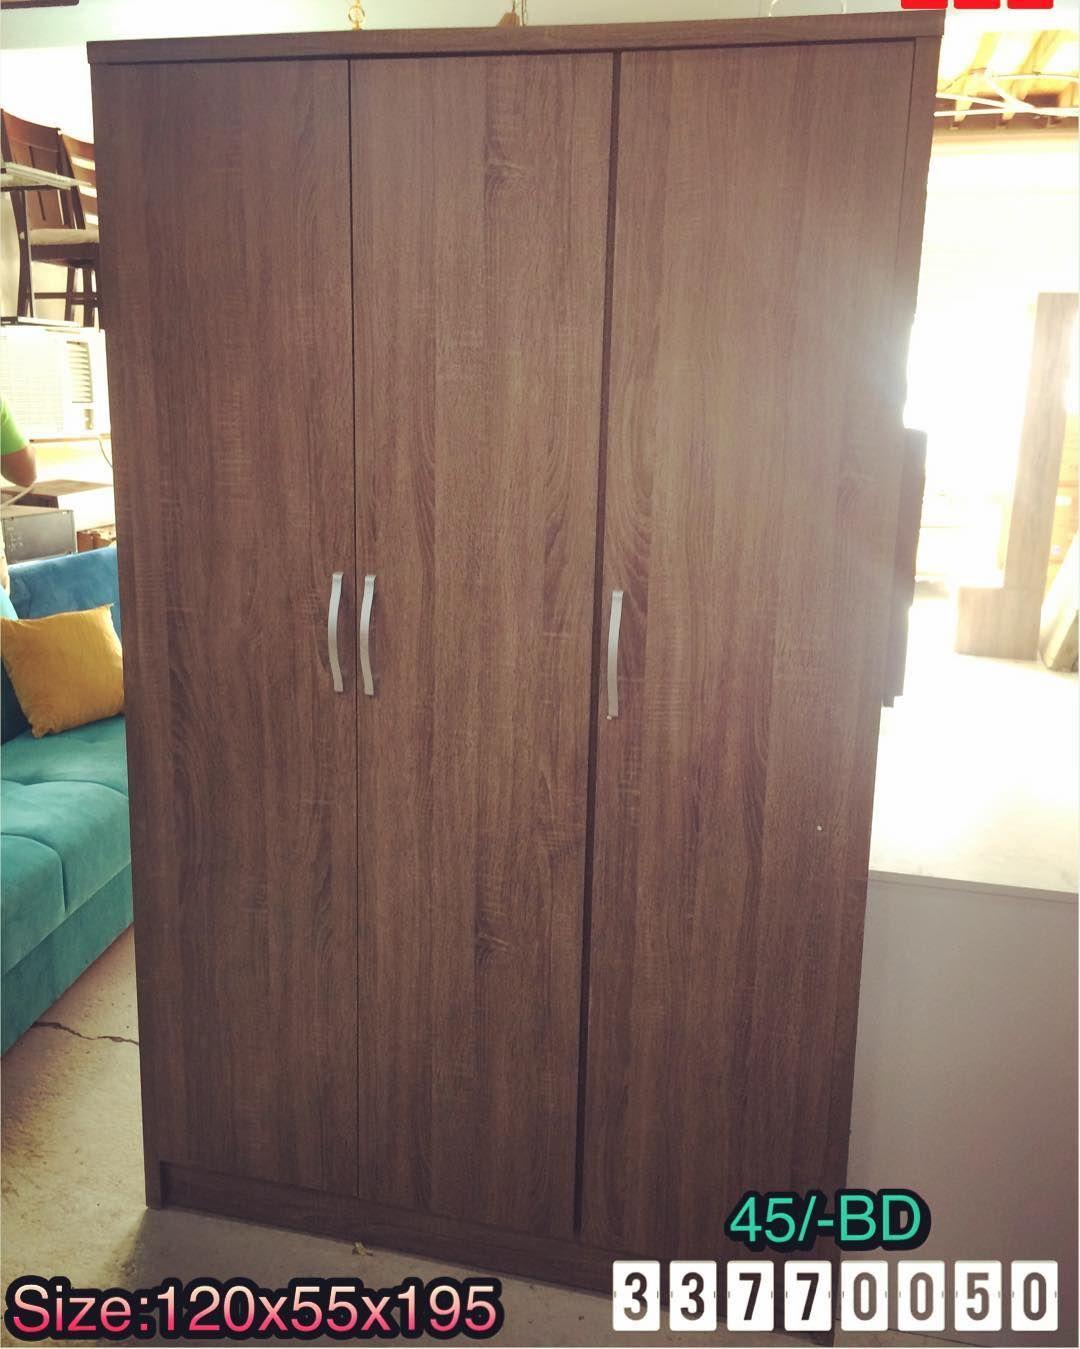 For Sale Cabinet 3 Door Size 120x55x195 Wood Brown Color New Price 45 Bd للبيع كبت ملابس 3 ابواب خشب لون بني جدي Cabinets For Sale Brown Color Color